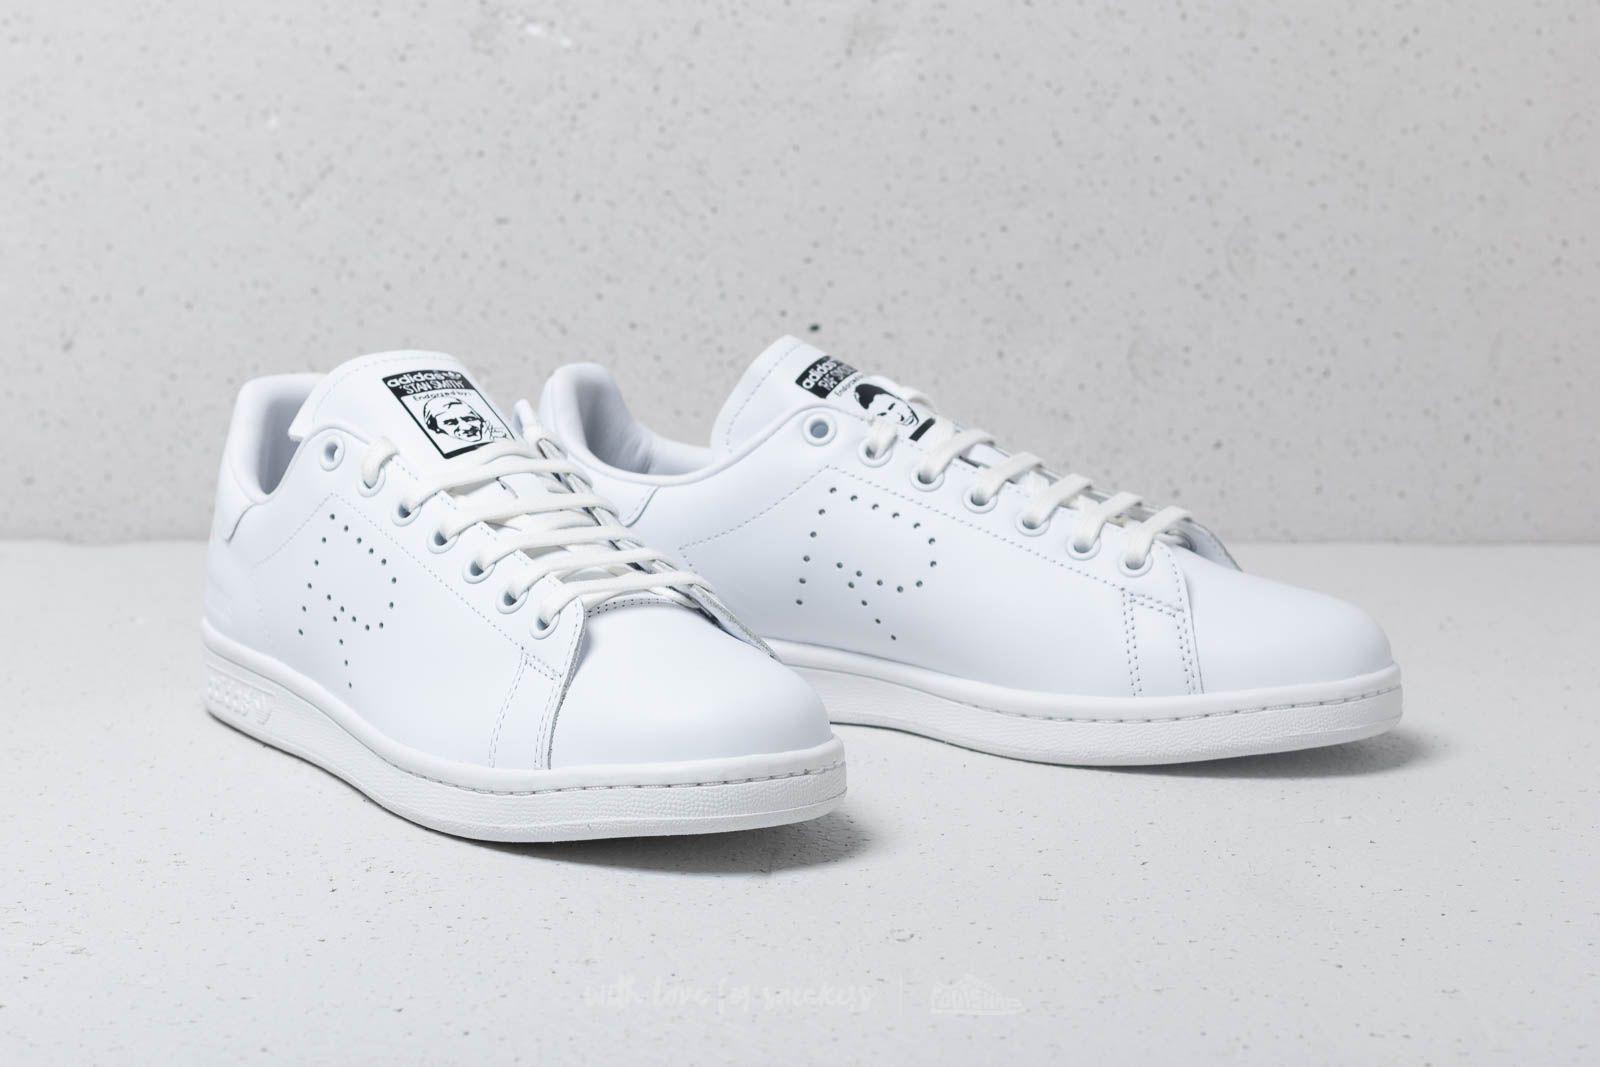 777bcc109a686 ... Adidas X Raf Simons Stan Smith Ftw White  Cream White. View fullscreen